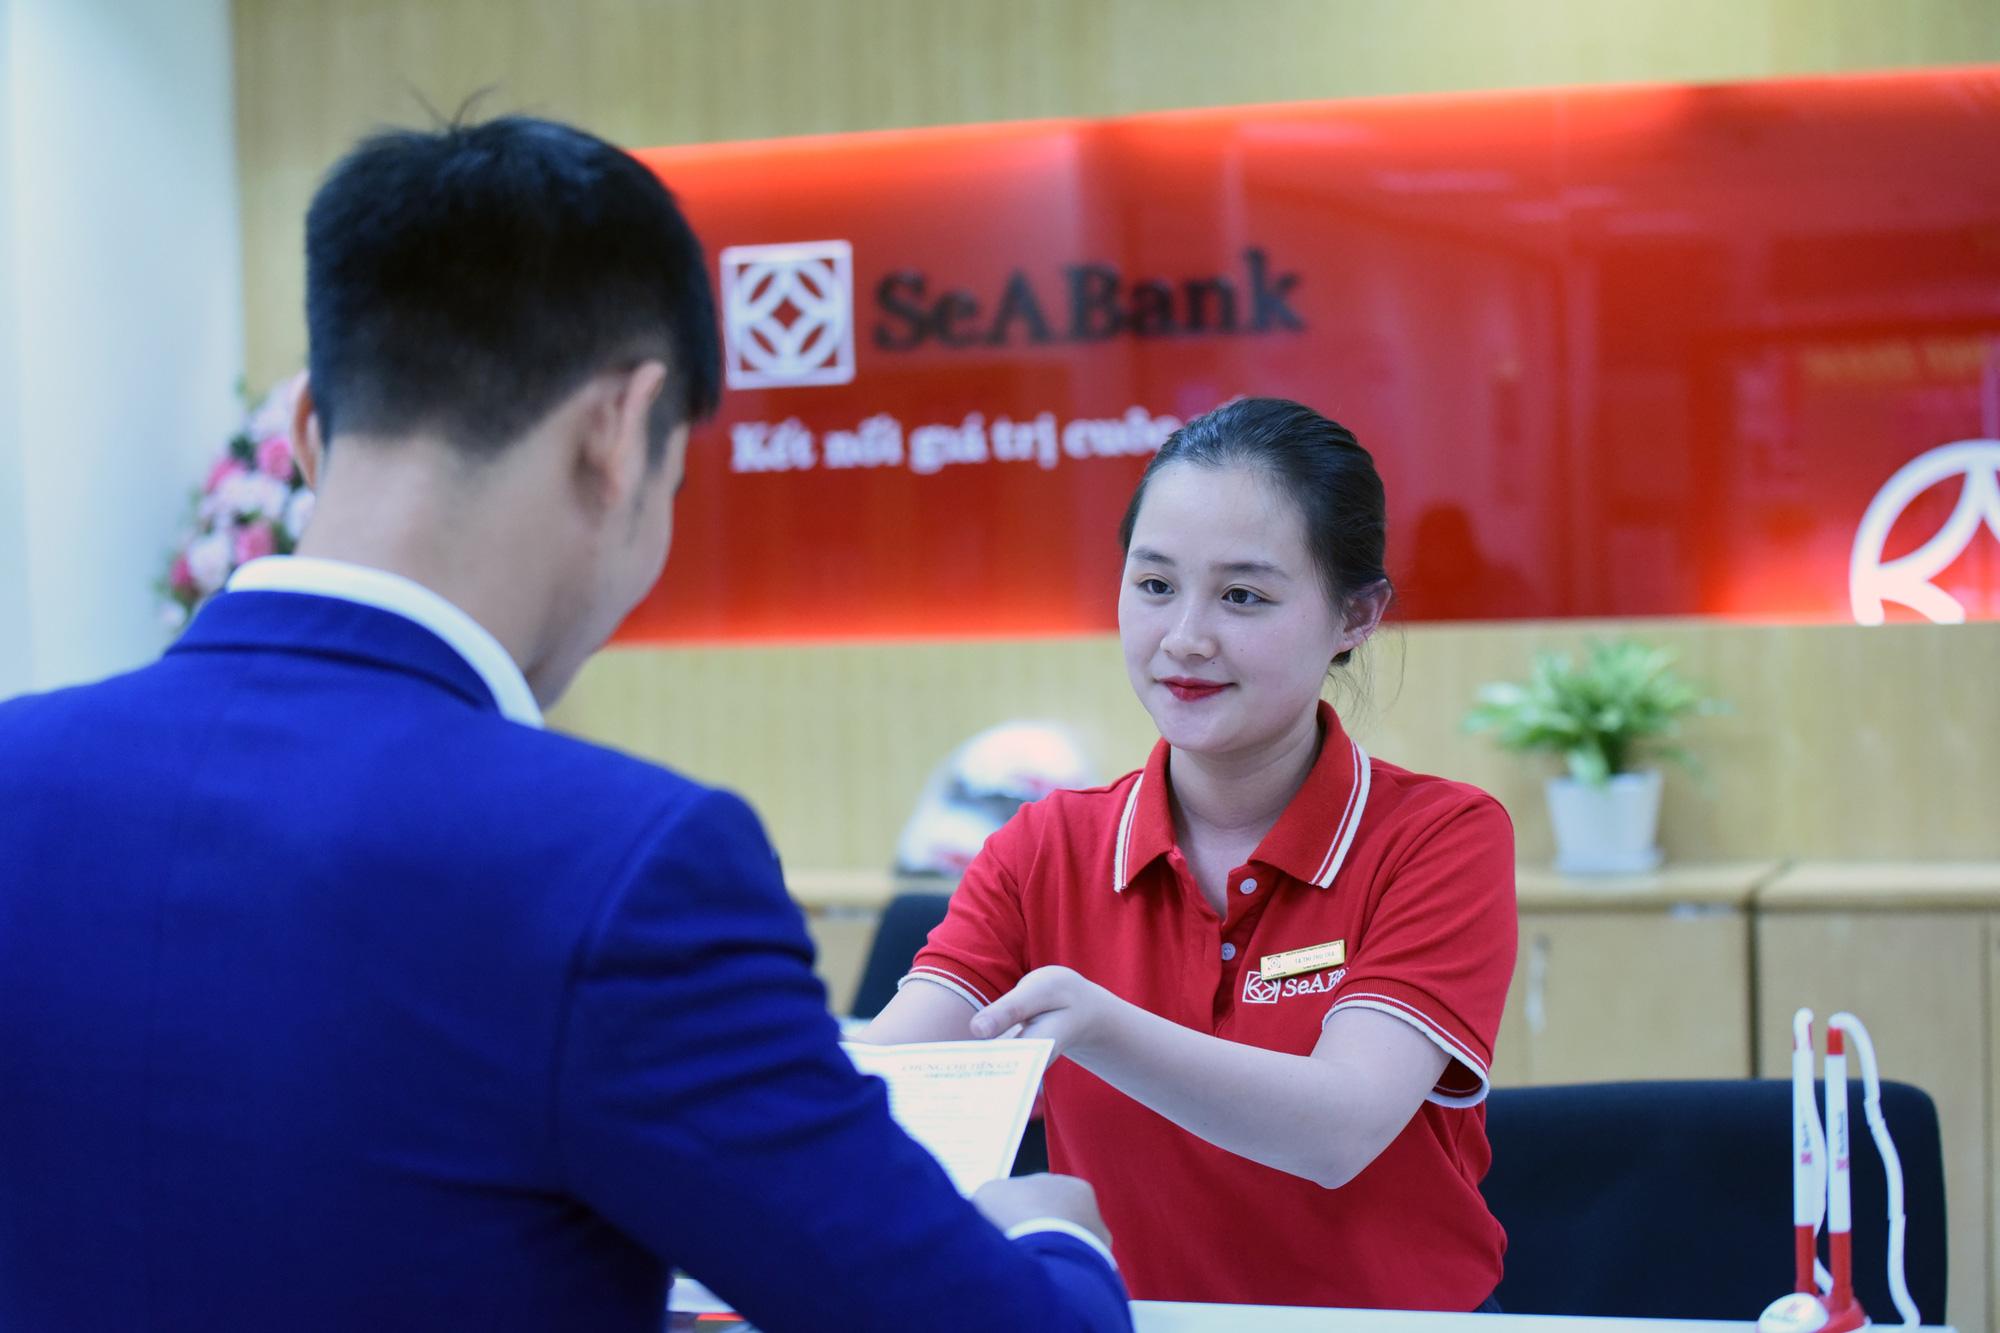 SeABank hoàn thành tăng vốn điều lệ lên gần 12.088 tỷ đồng, được chấp thuận niêm yết hơn 1,2 tỷ cổ phiếu trên HOSE - Ảnh 1.